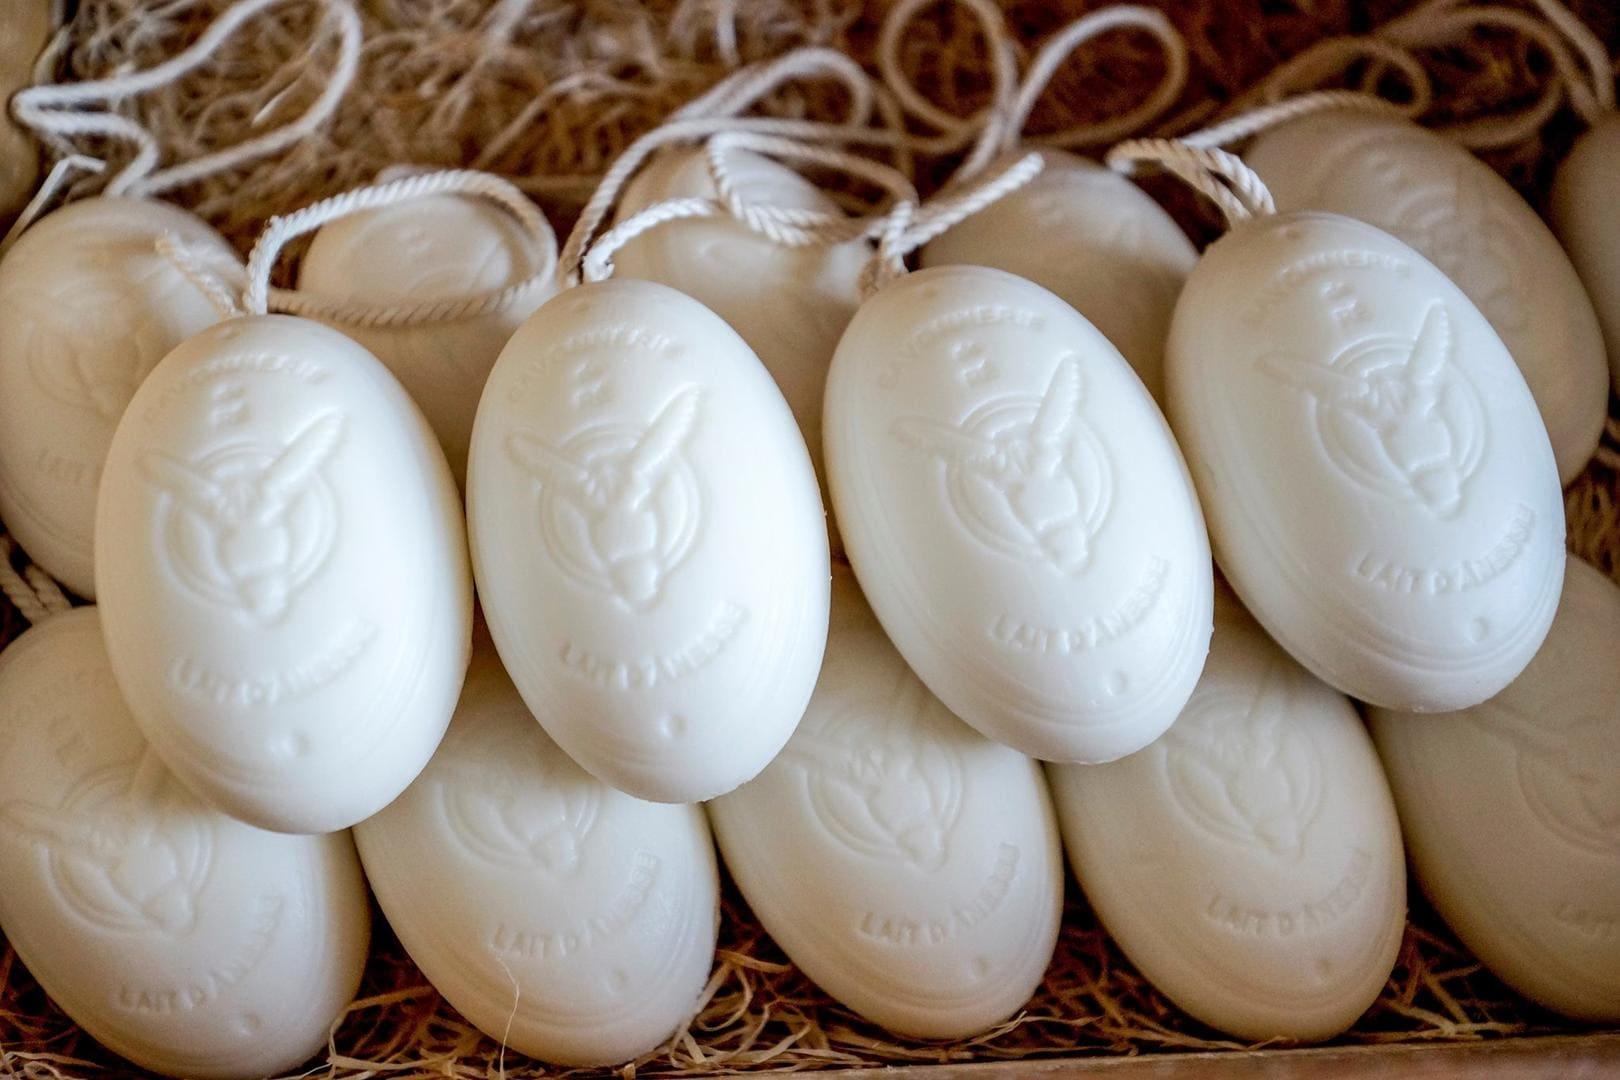 Decouvrez les savons artisanaux au lait d'anesse de l'île de Ré à la savonnerie Loix et Savons lors de votre séjour en Chambre d'hôtes les Fillattes